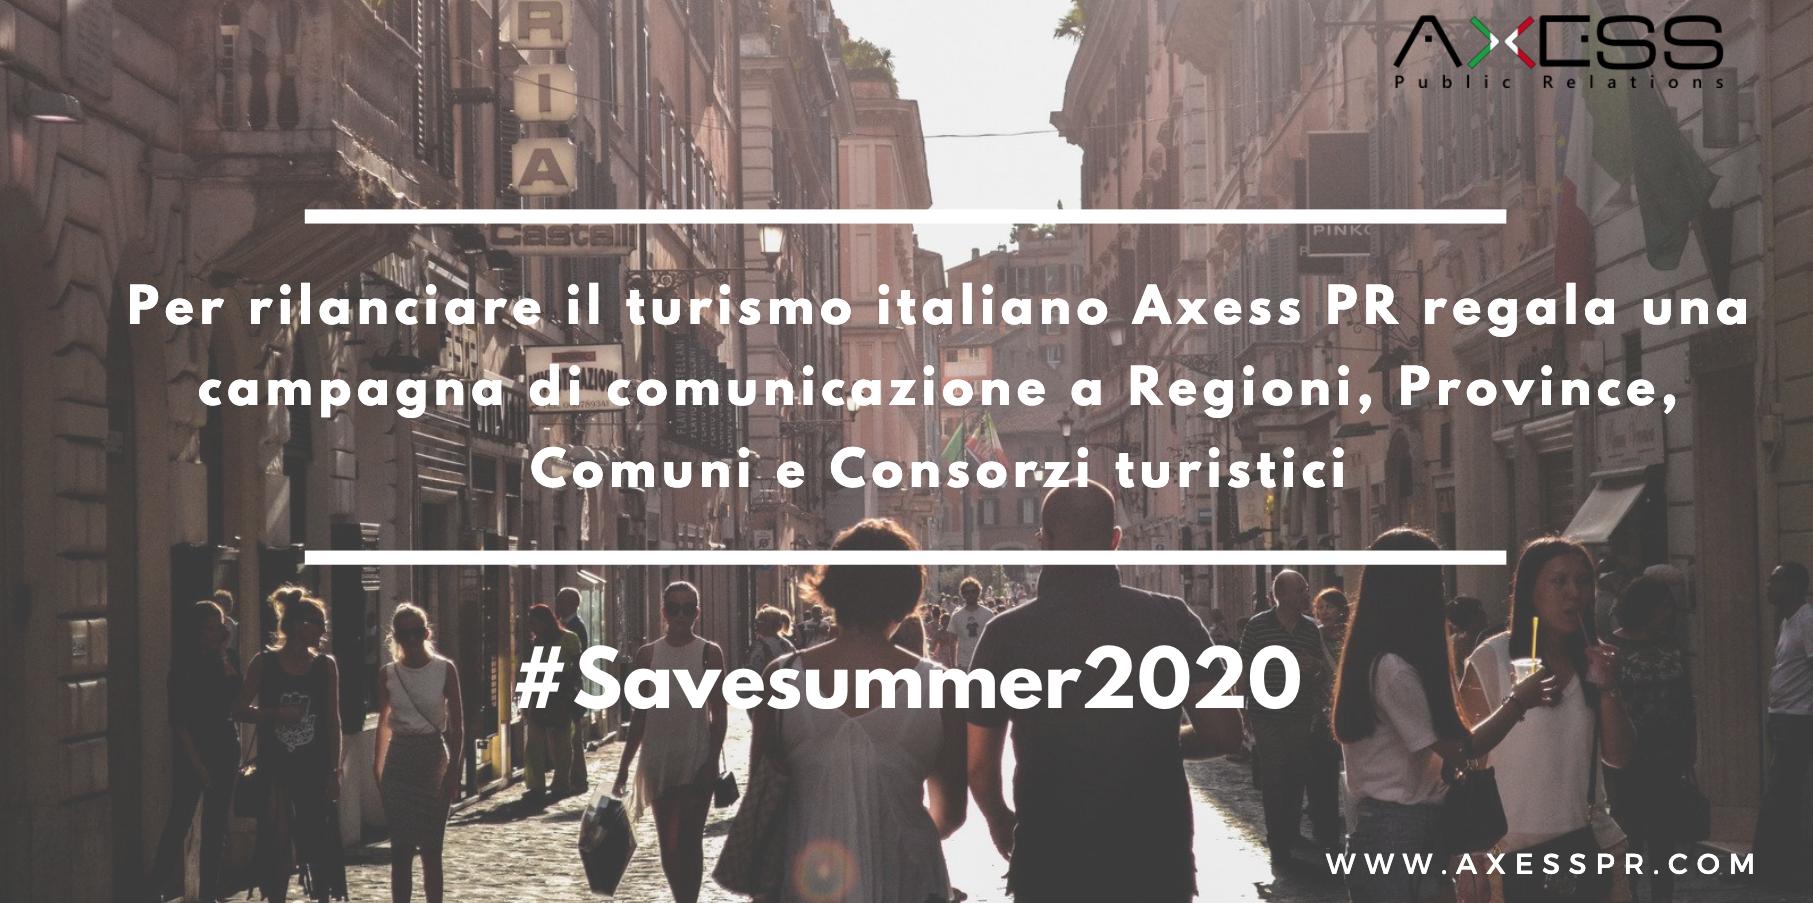 Turismo internazionale in Italia: già persi quasi 10 miliardi di euro e 35 milioni di visitatori. AXESS PR lancia la campagna #savesummer2020